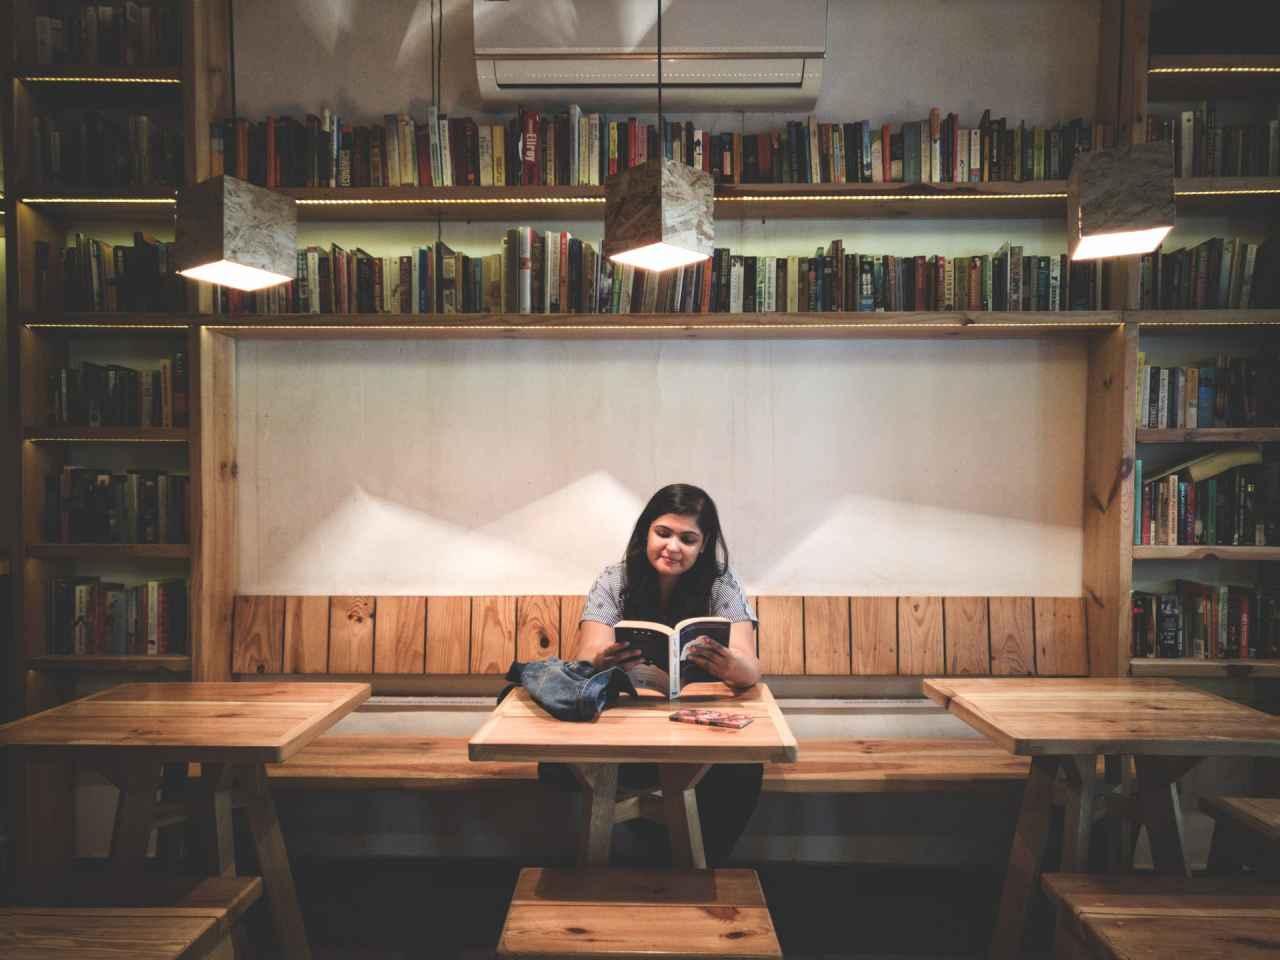 1:カフェで勉強は辞めるべき